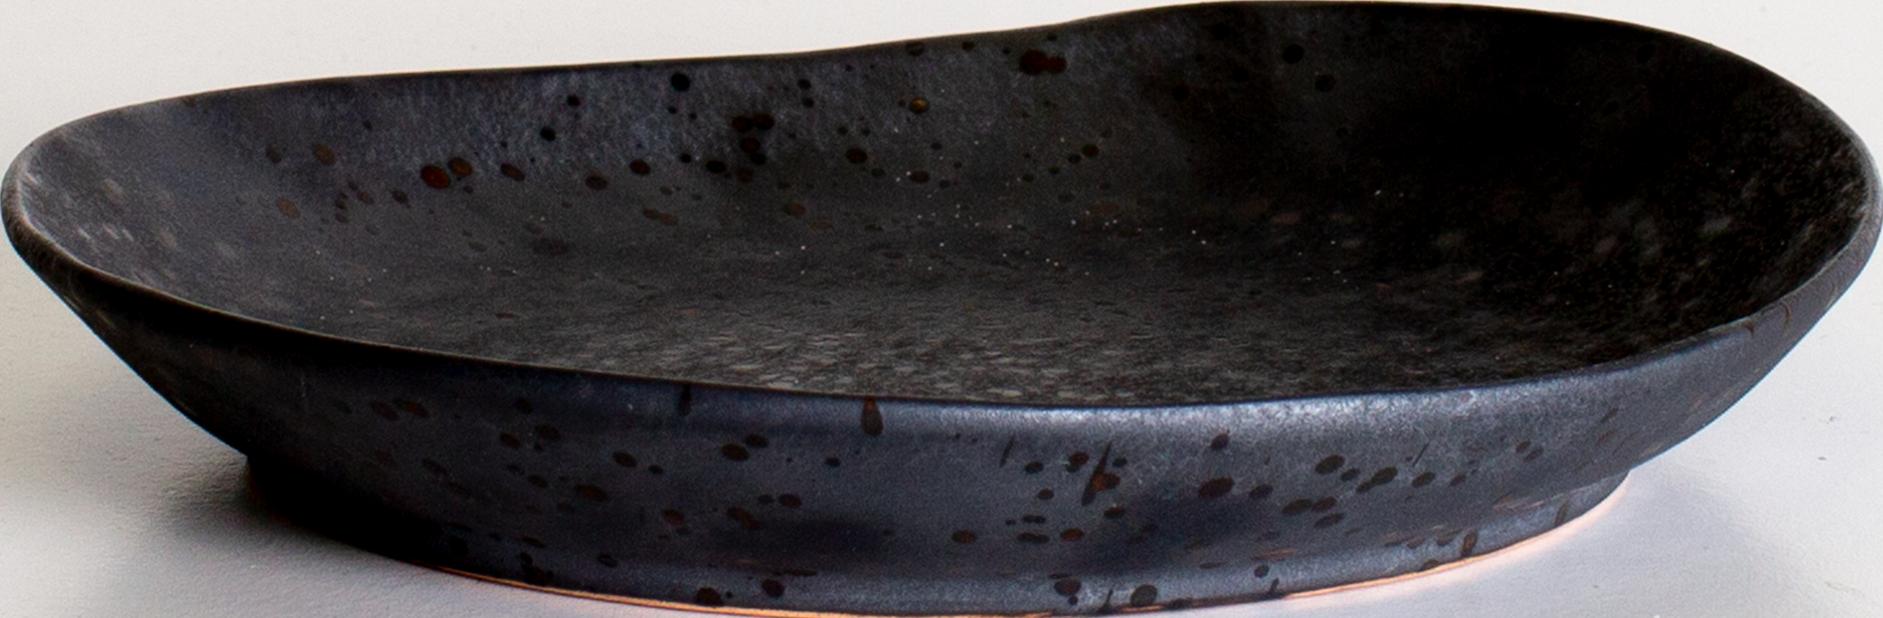 Slate dinner plate